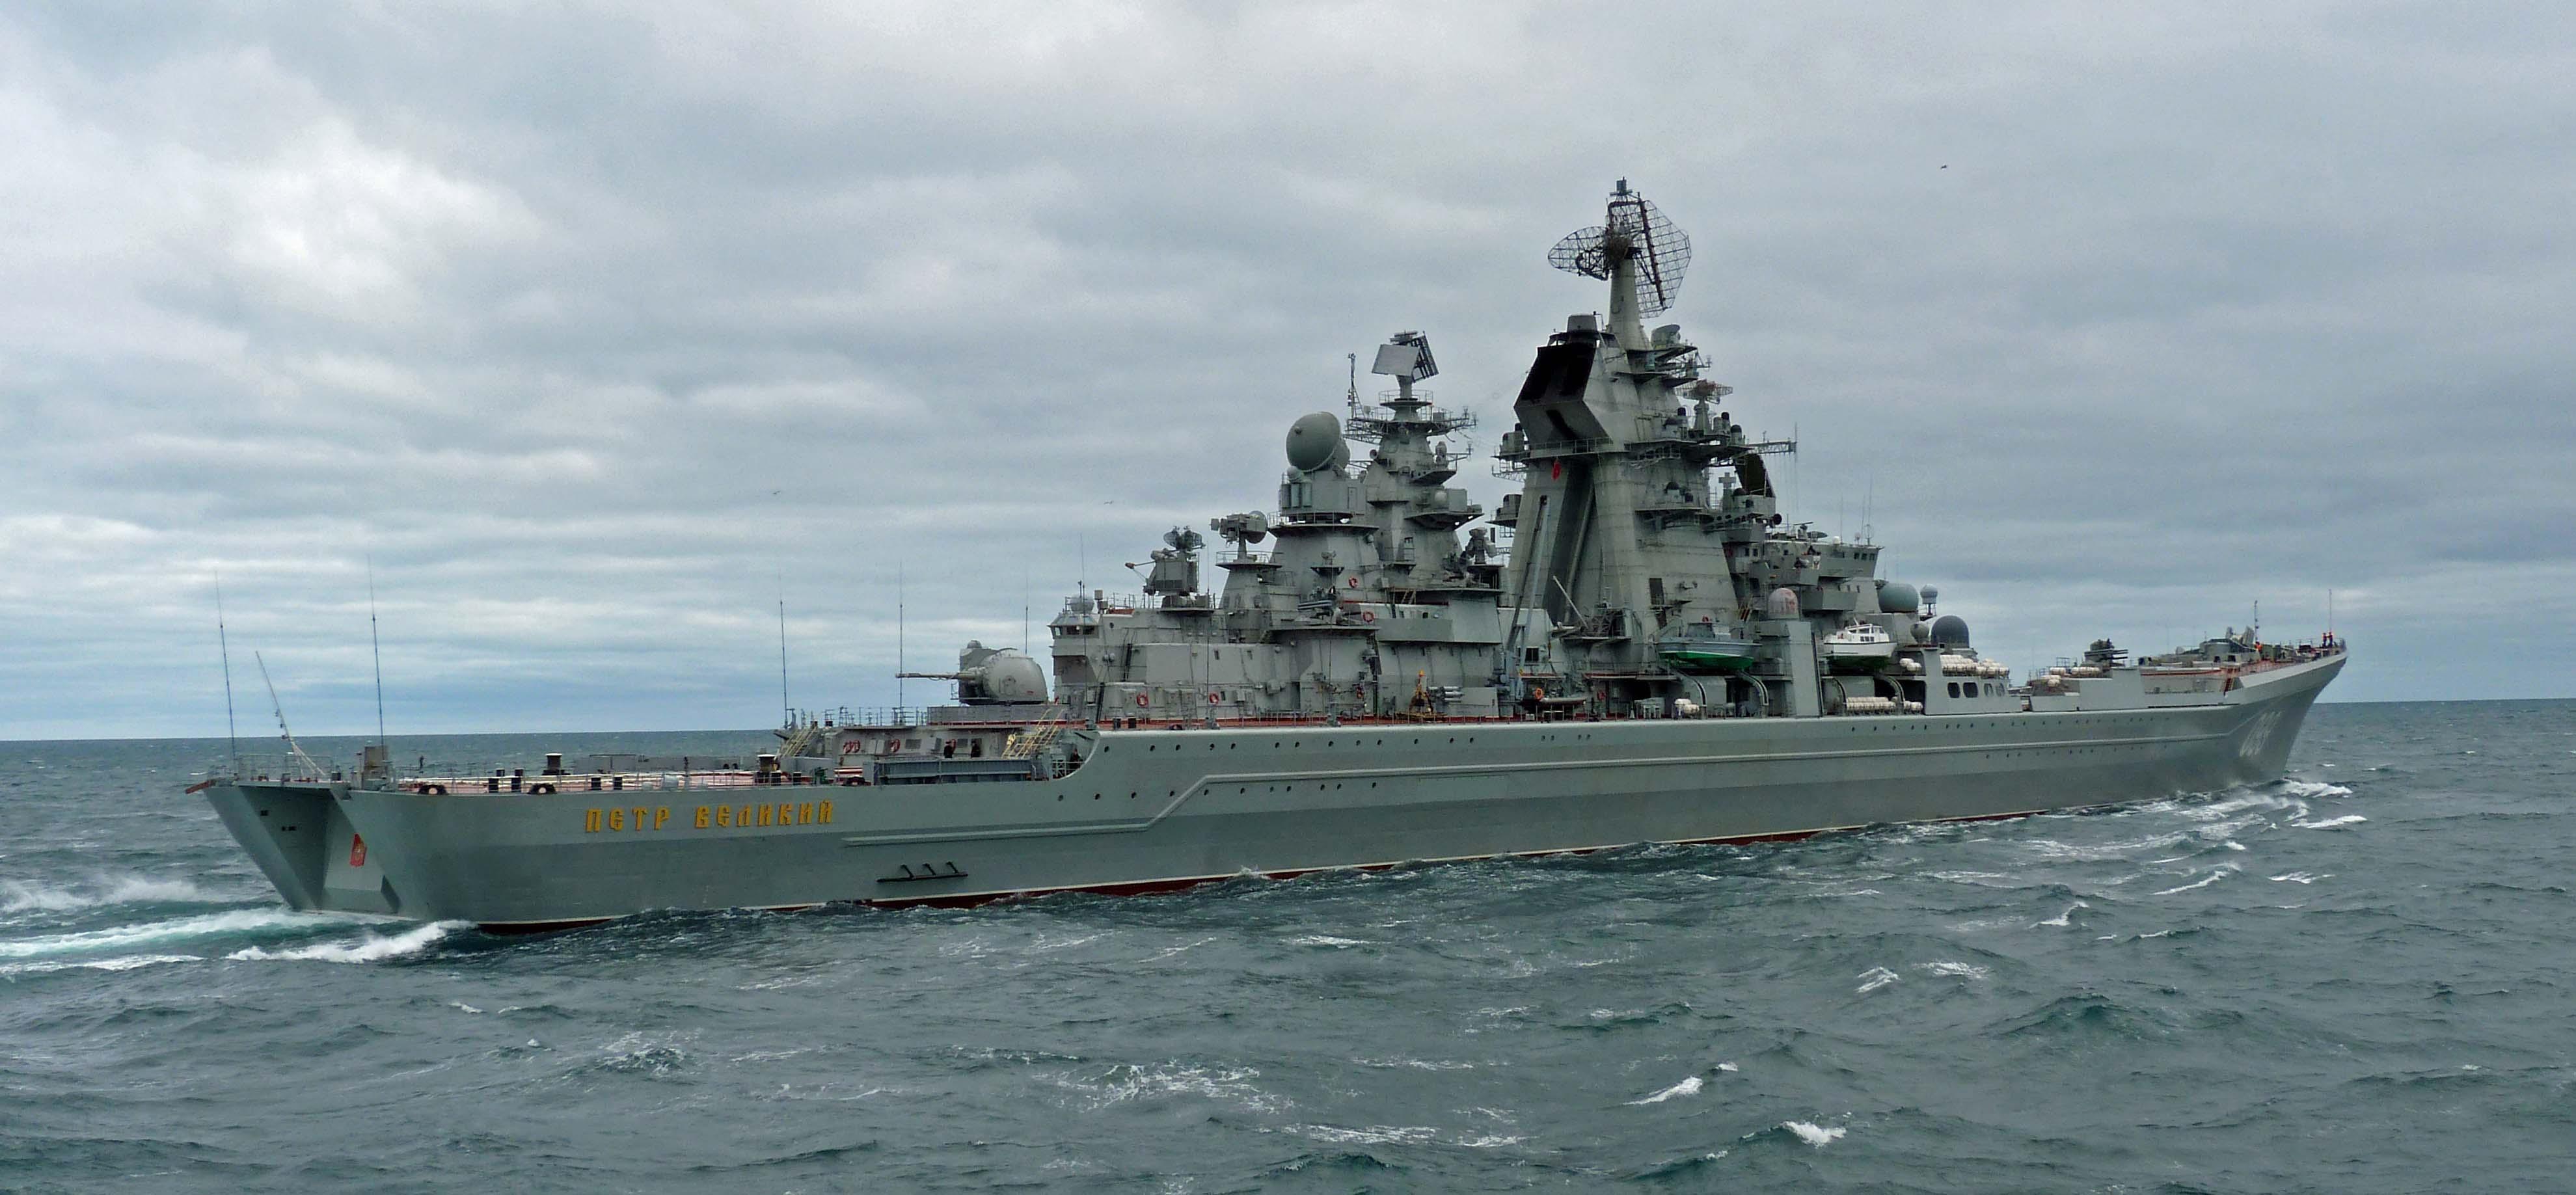 Пётр великий (крейсер)